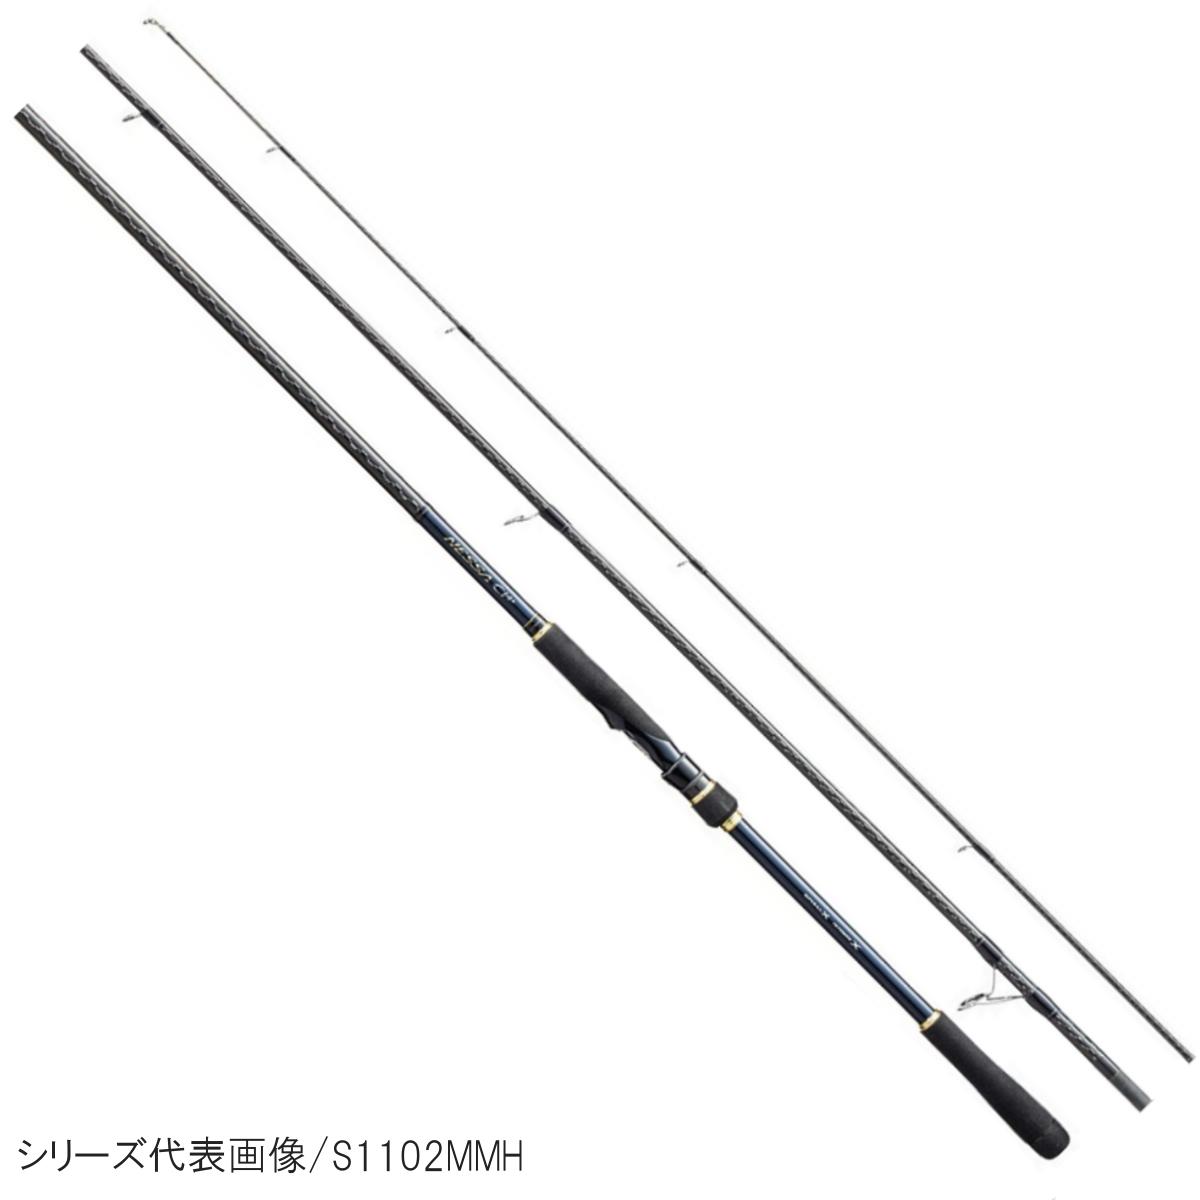 シマノ ネッサ CI4+ S1002M【送料無料】